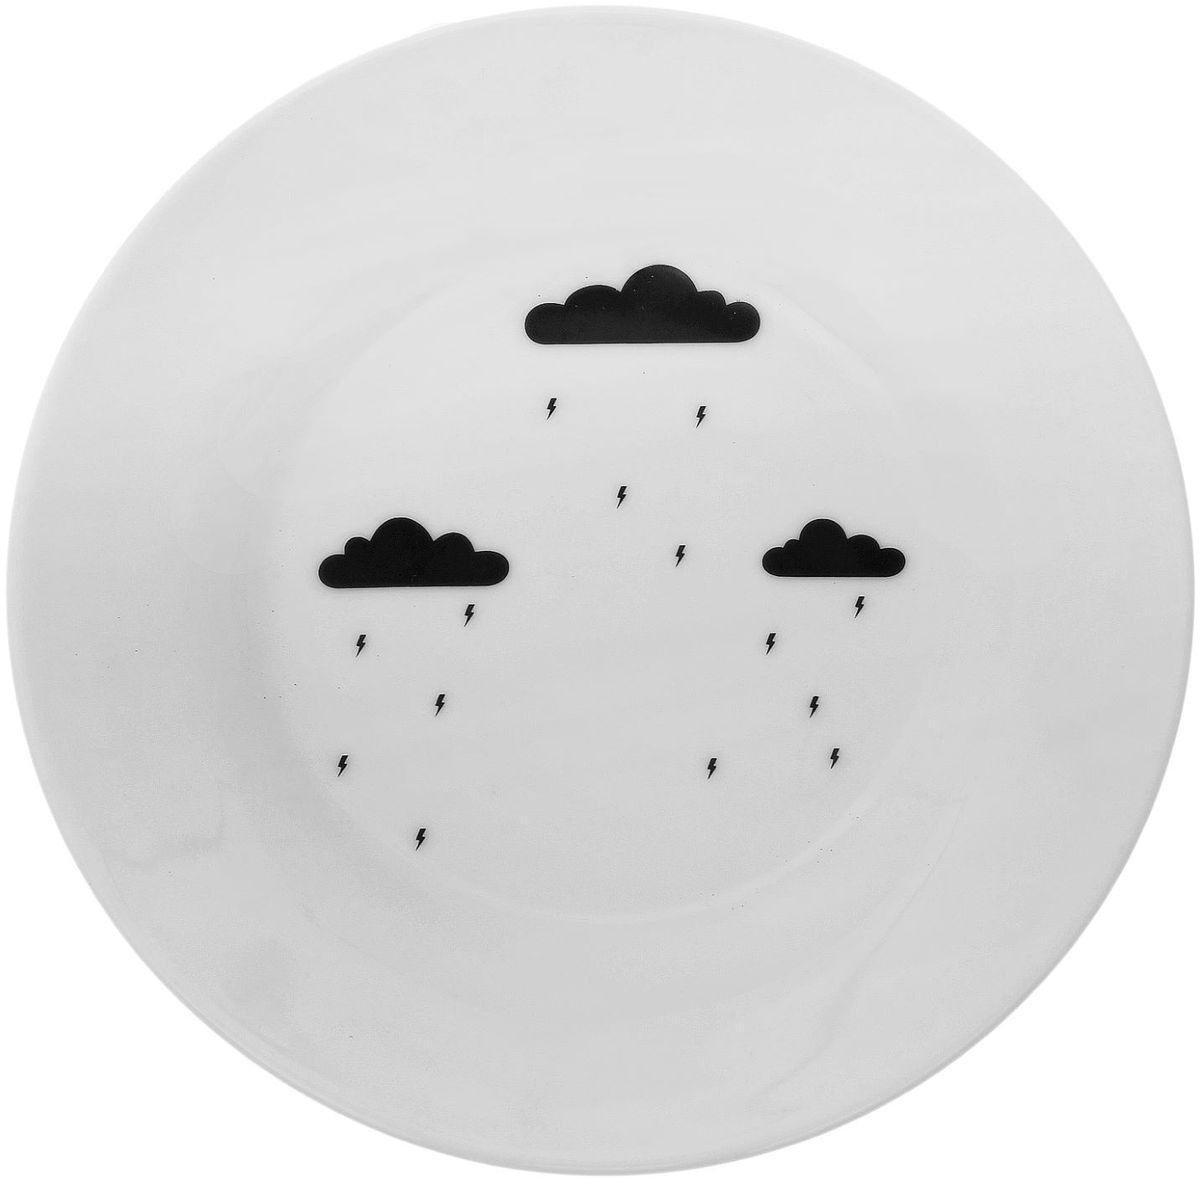 Тарелка мелкая Сотвори чудо Грозовая тучка, диаметр 15,5 смVT-1520(SR)Хотите обновить интерьер кухни или гостиной? Устраиваете необычную фотосессию или тематический праздник? А может, просто ищете подарок для близкого человека? Посуда Сотвори Чудо — правильный выбор в любой ситуации. Тарелка Сотвори Чудо, изготовленная из изящного фаянса нежного сливочного цвета, оформлена оригинальным рисунком со стойкой краской. Пригодна для посудомоечной машины.